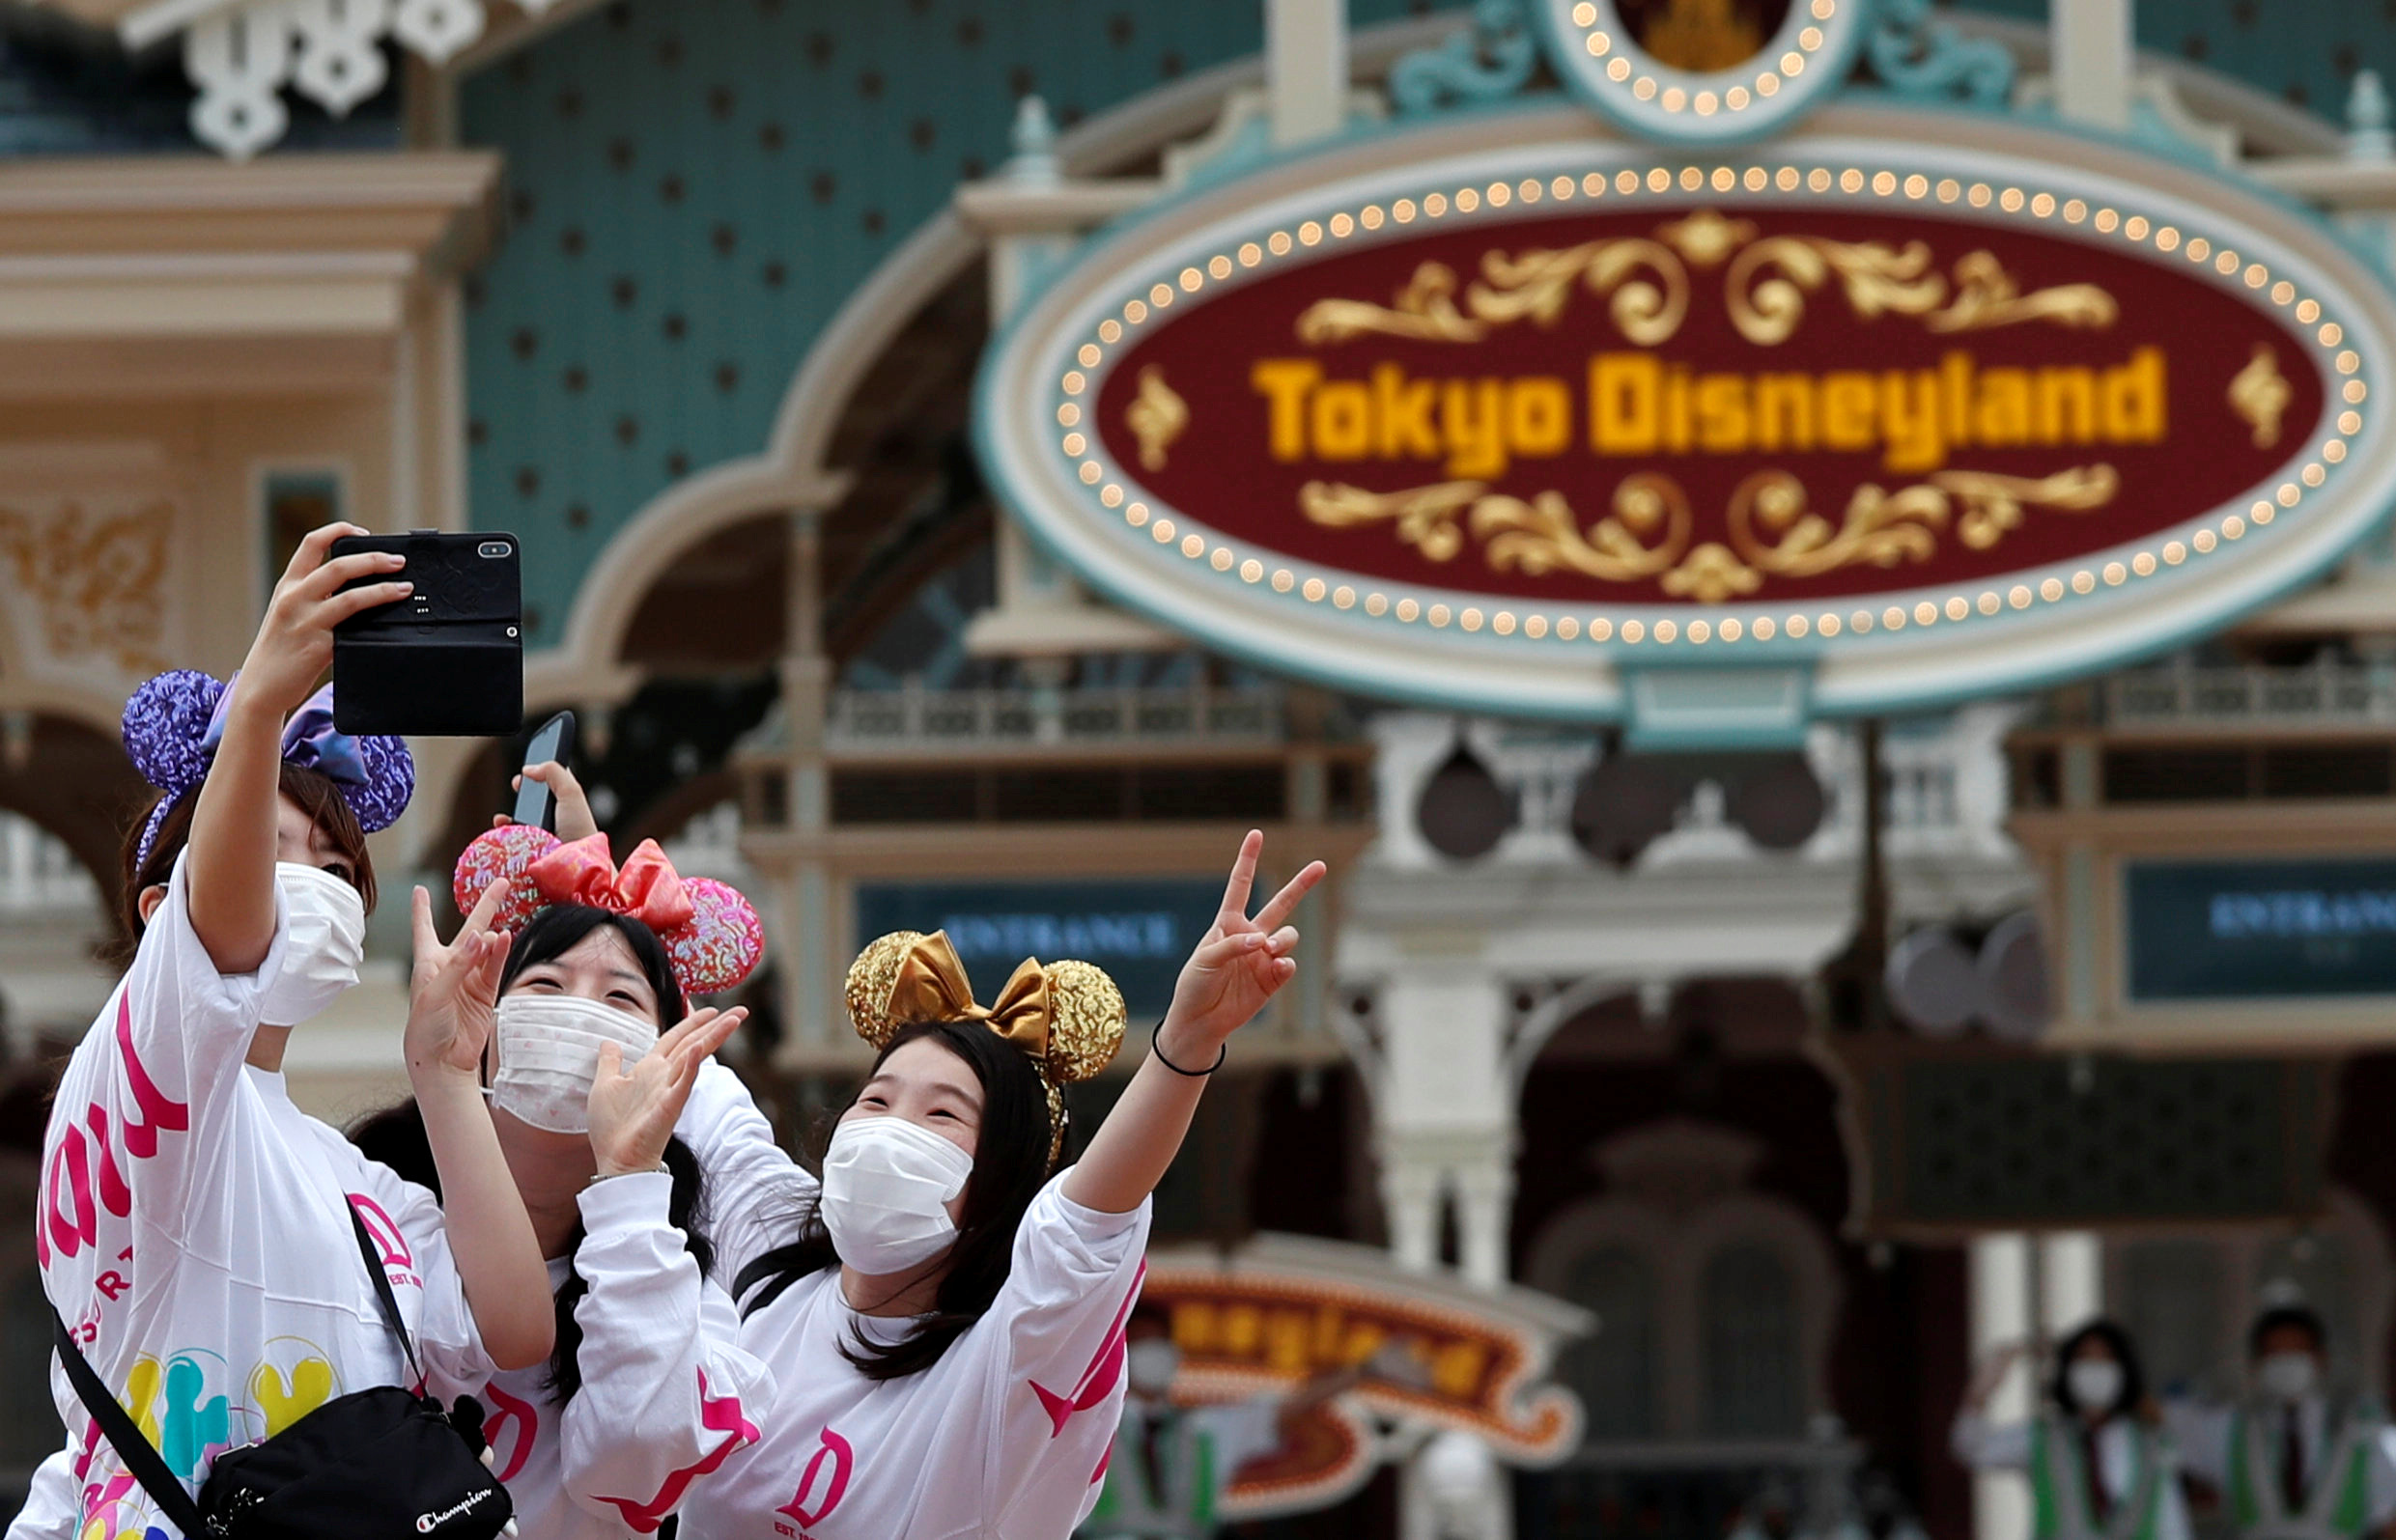 央视新闻客户端|东京迪士尼今起恢复营业 实行预约制 控制游